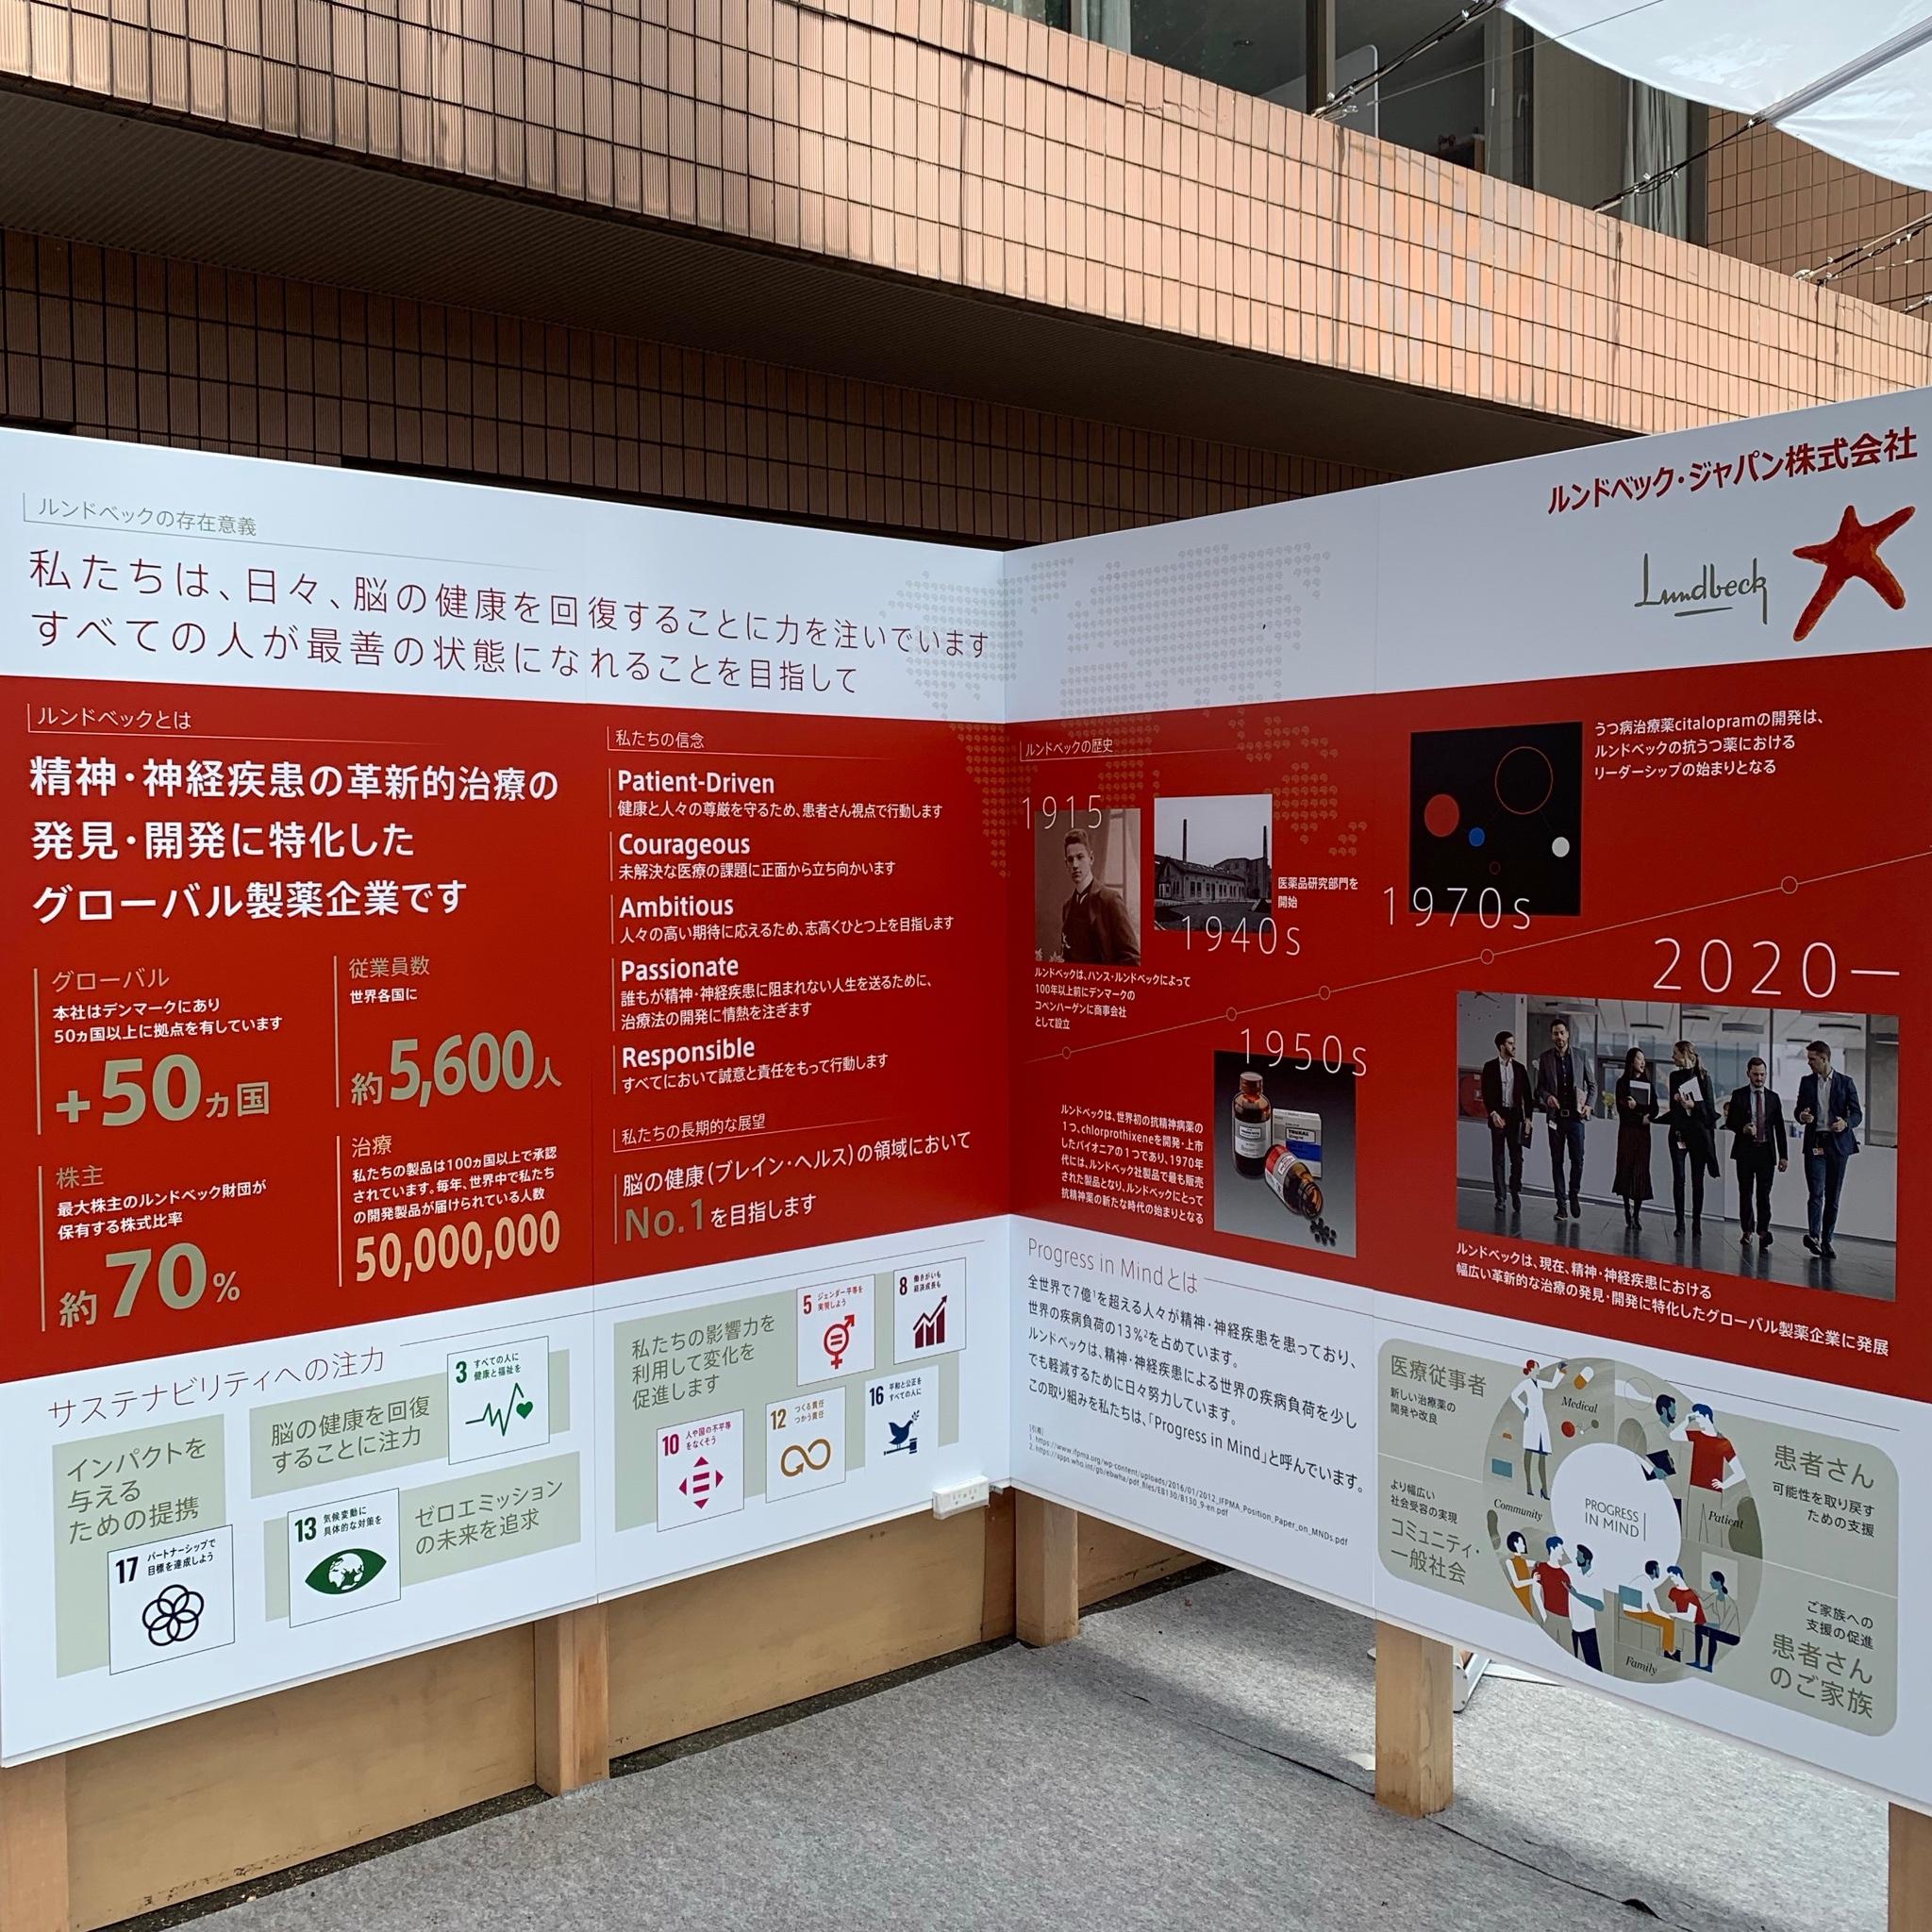 グローバル製薬企業 ルンドベック・ジャパン